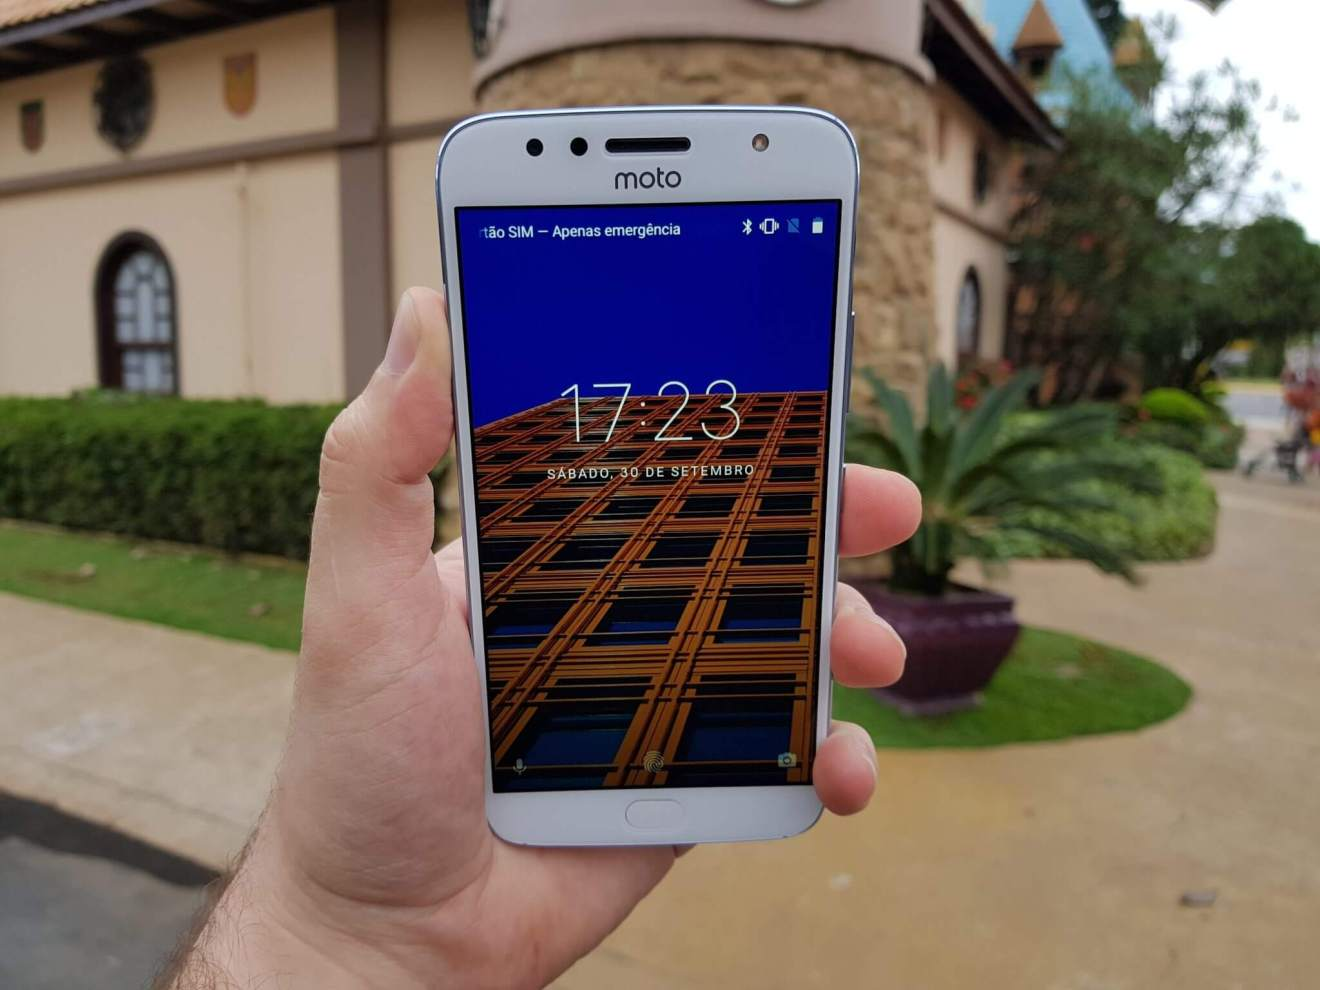 20170930 172404 - Review: Moto G5S Plus, o intermediário com câmera dupla